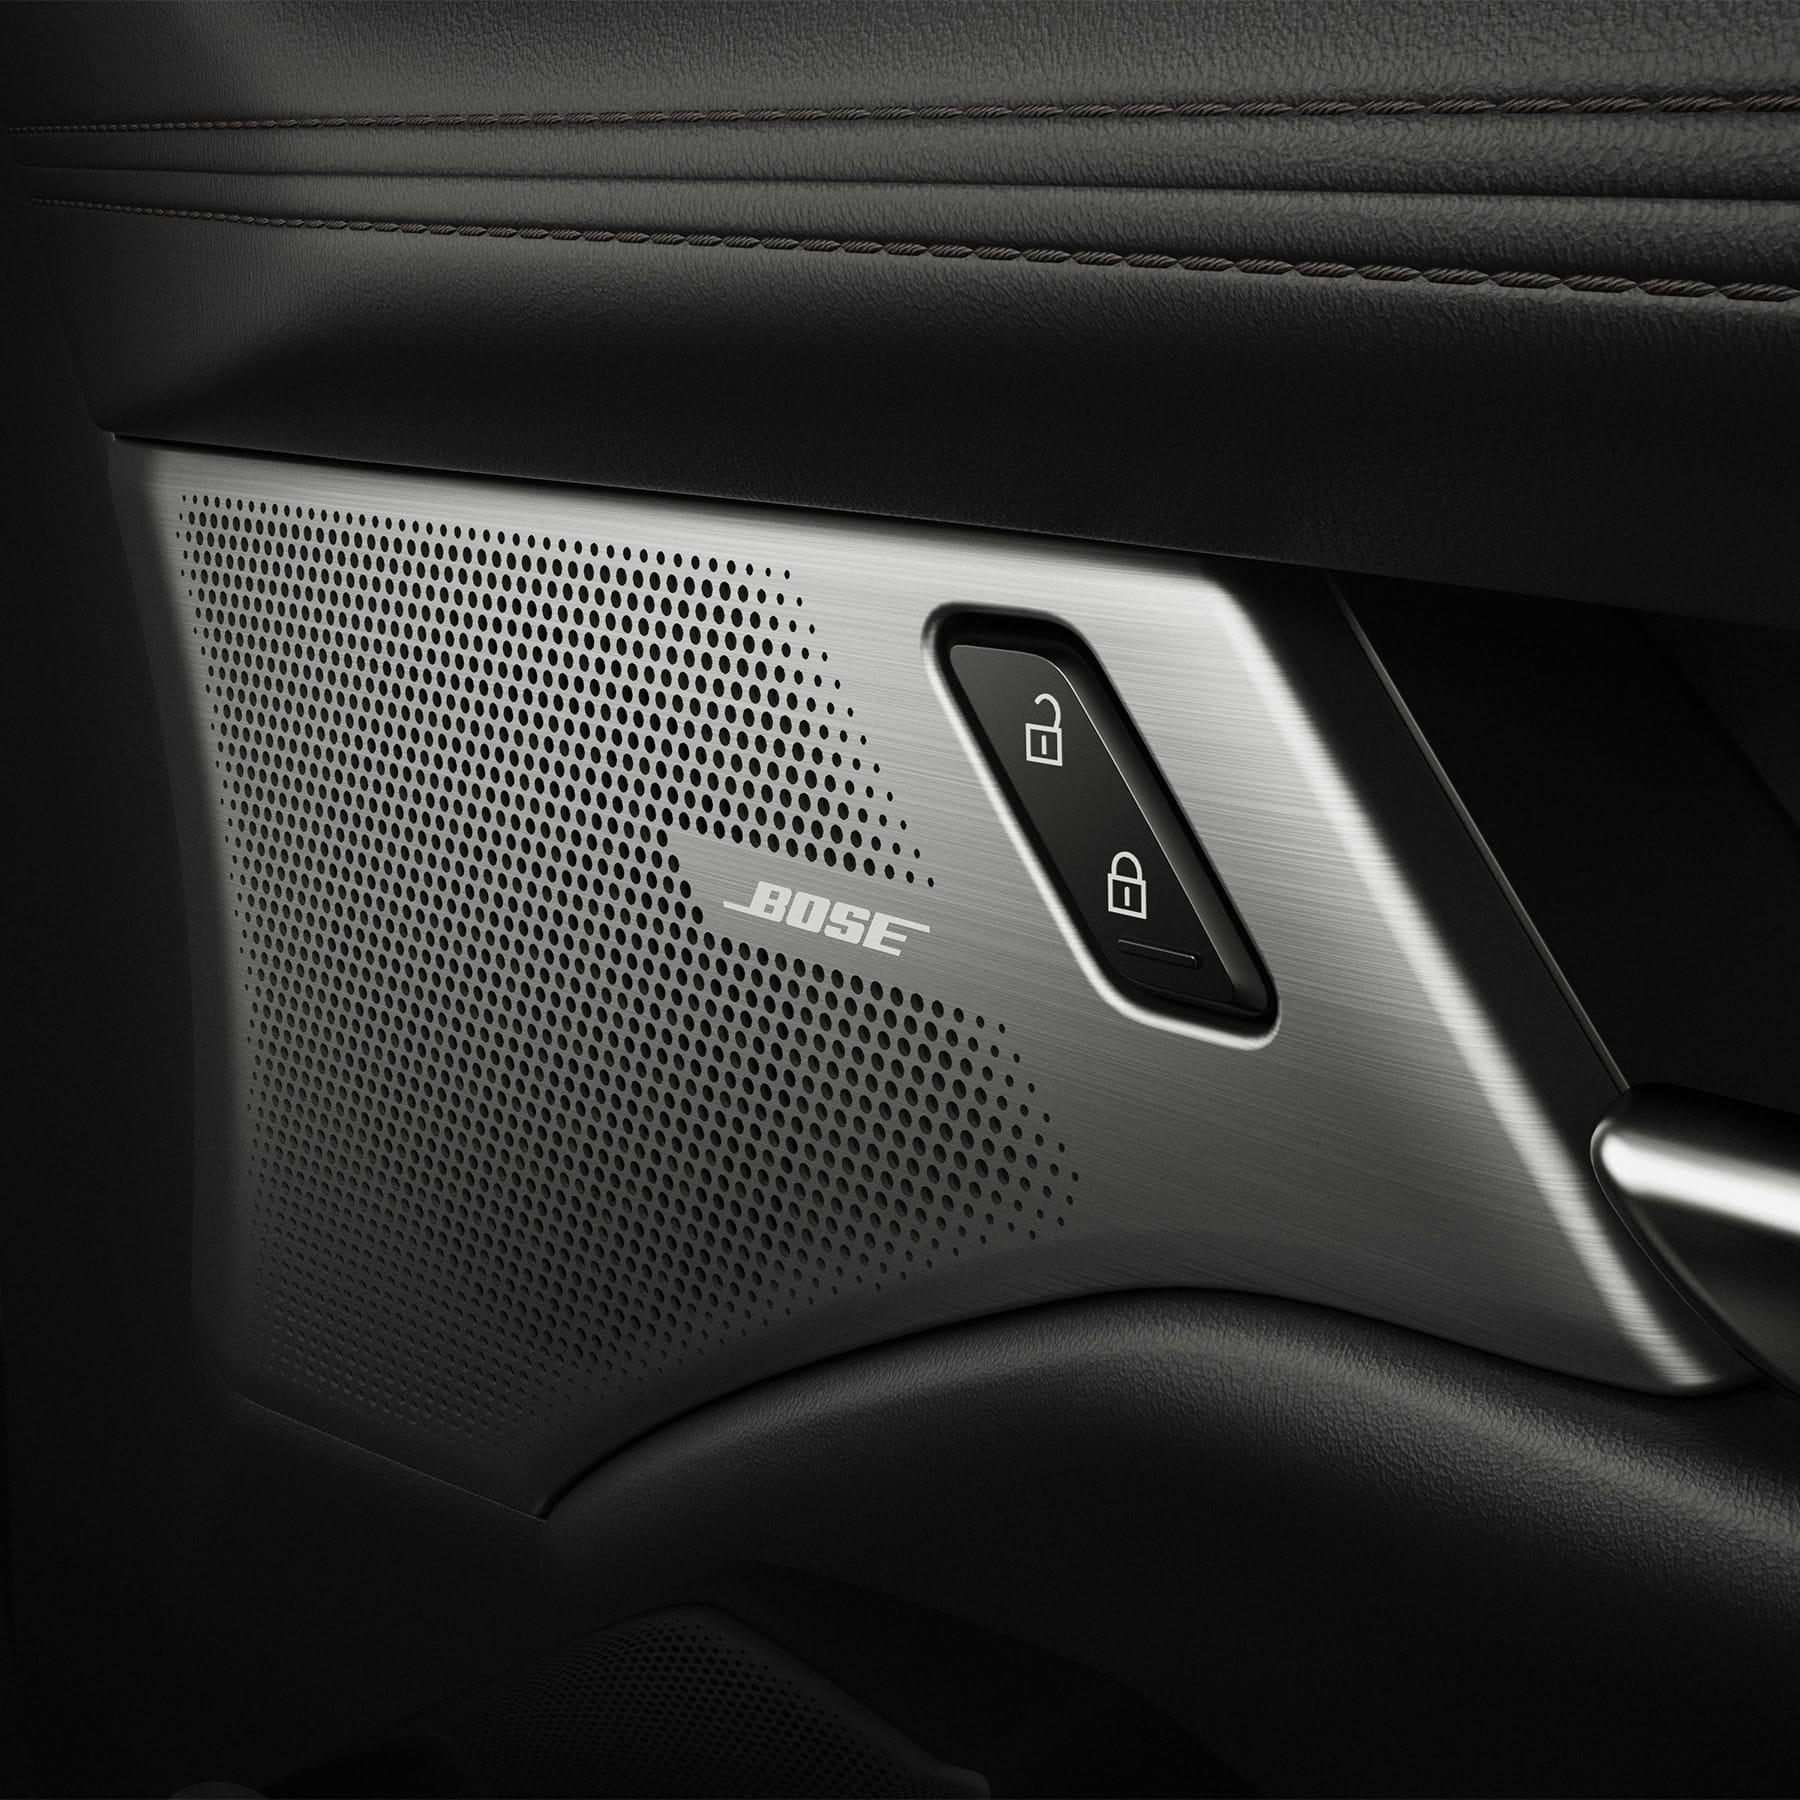 Bose® Sound System